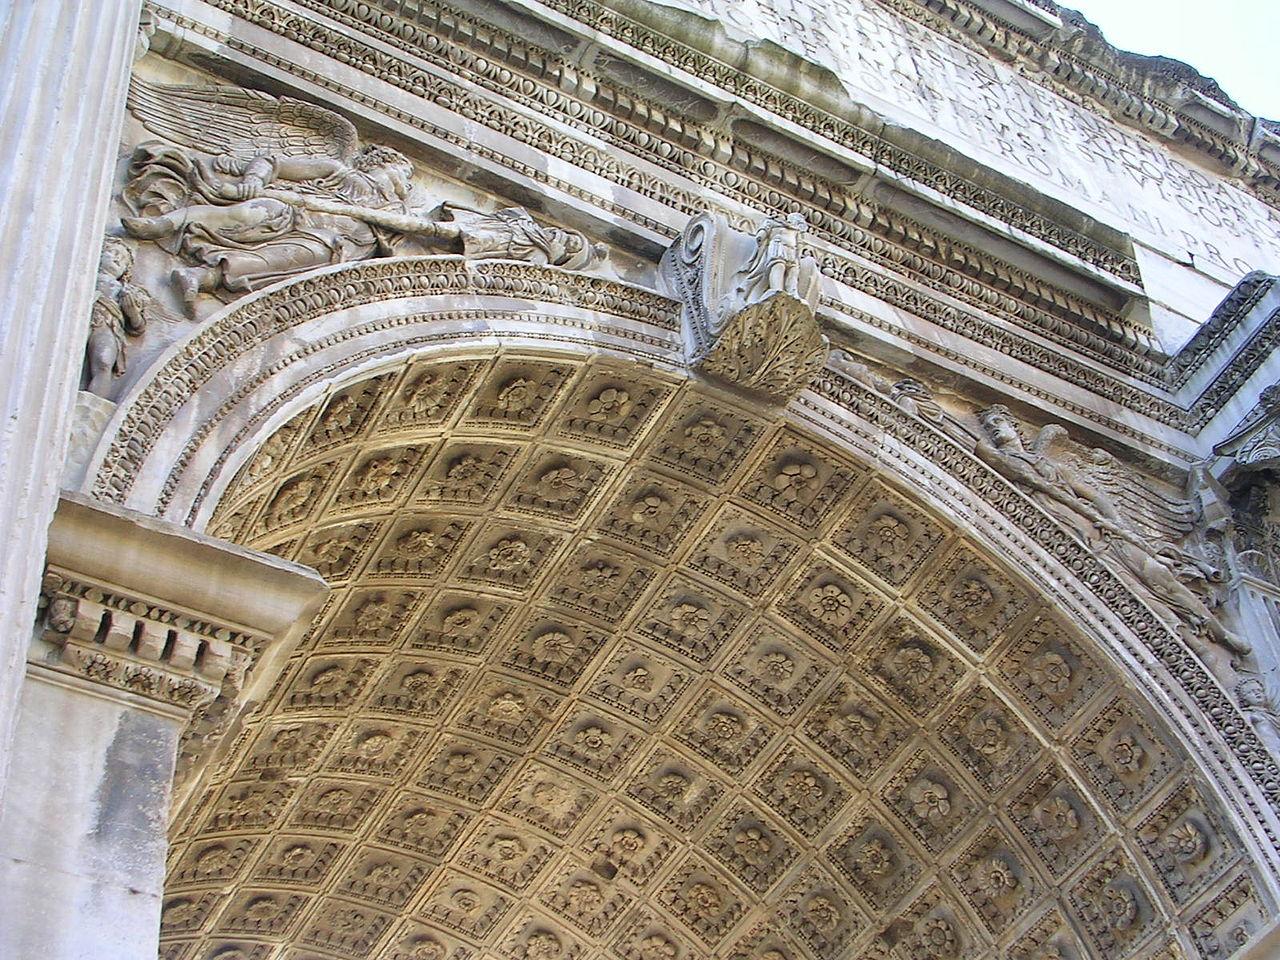 Римский форум, центральный пролёт арки